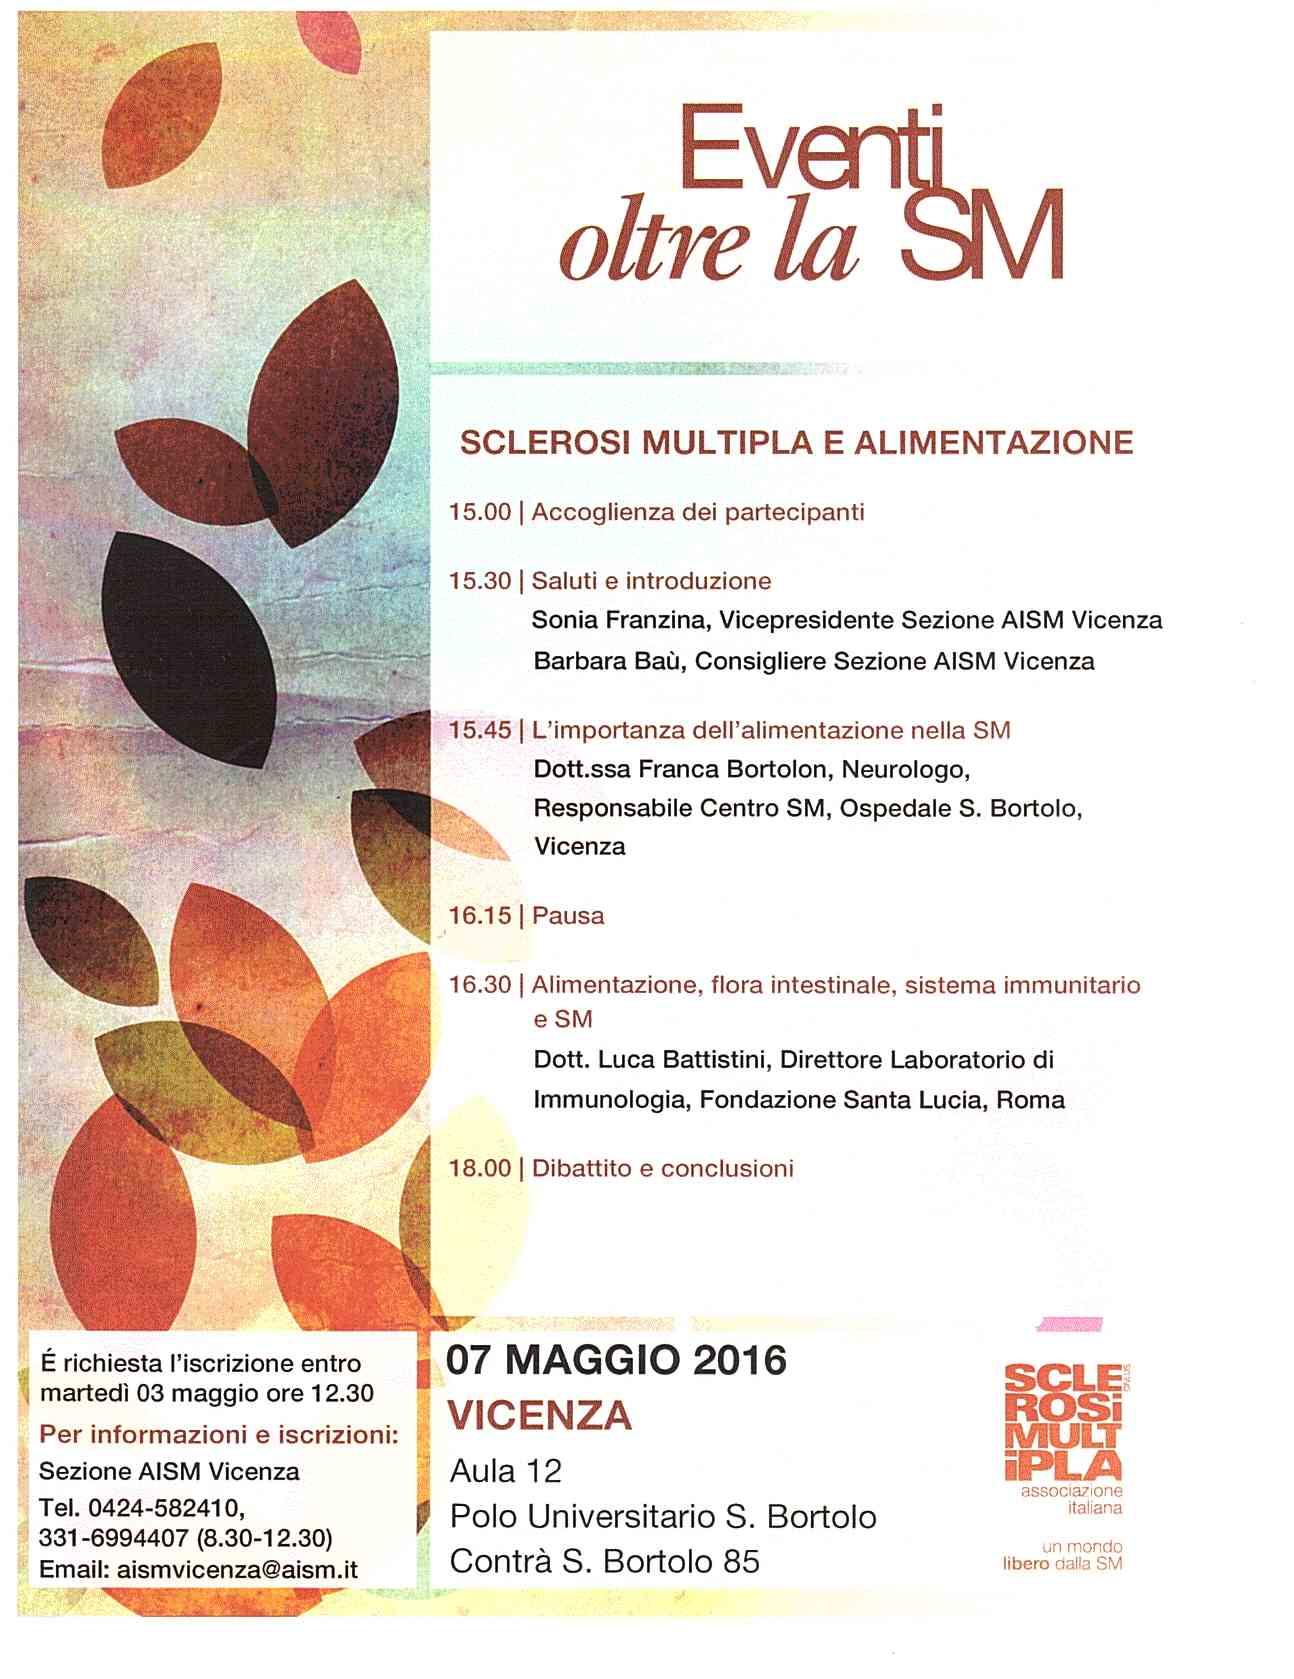 Evento Oltre la SM